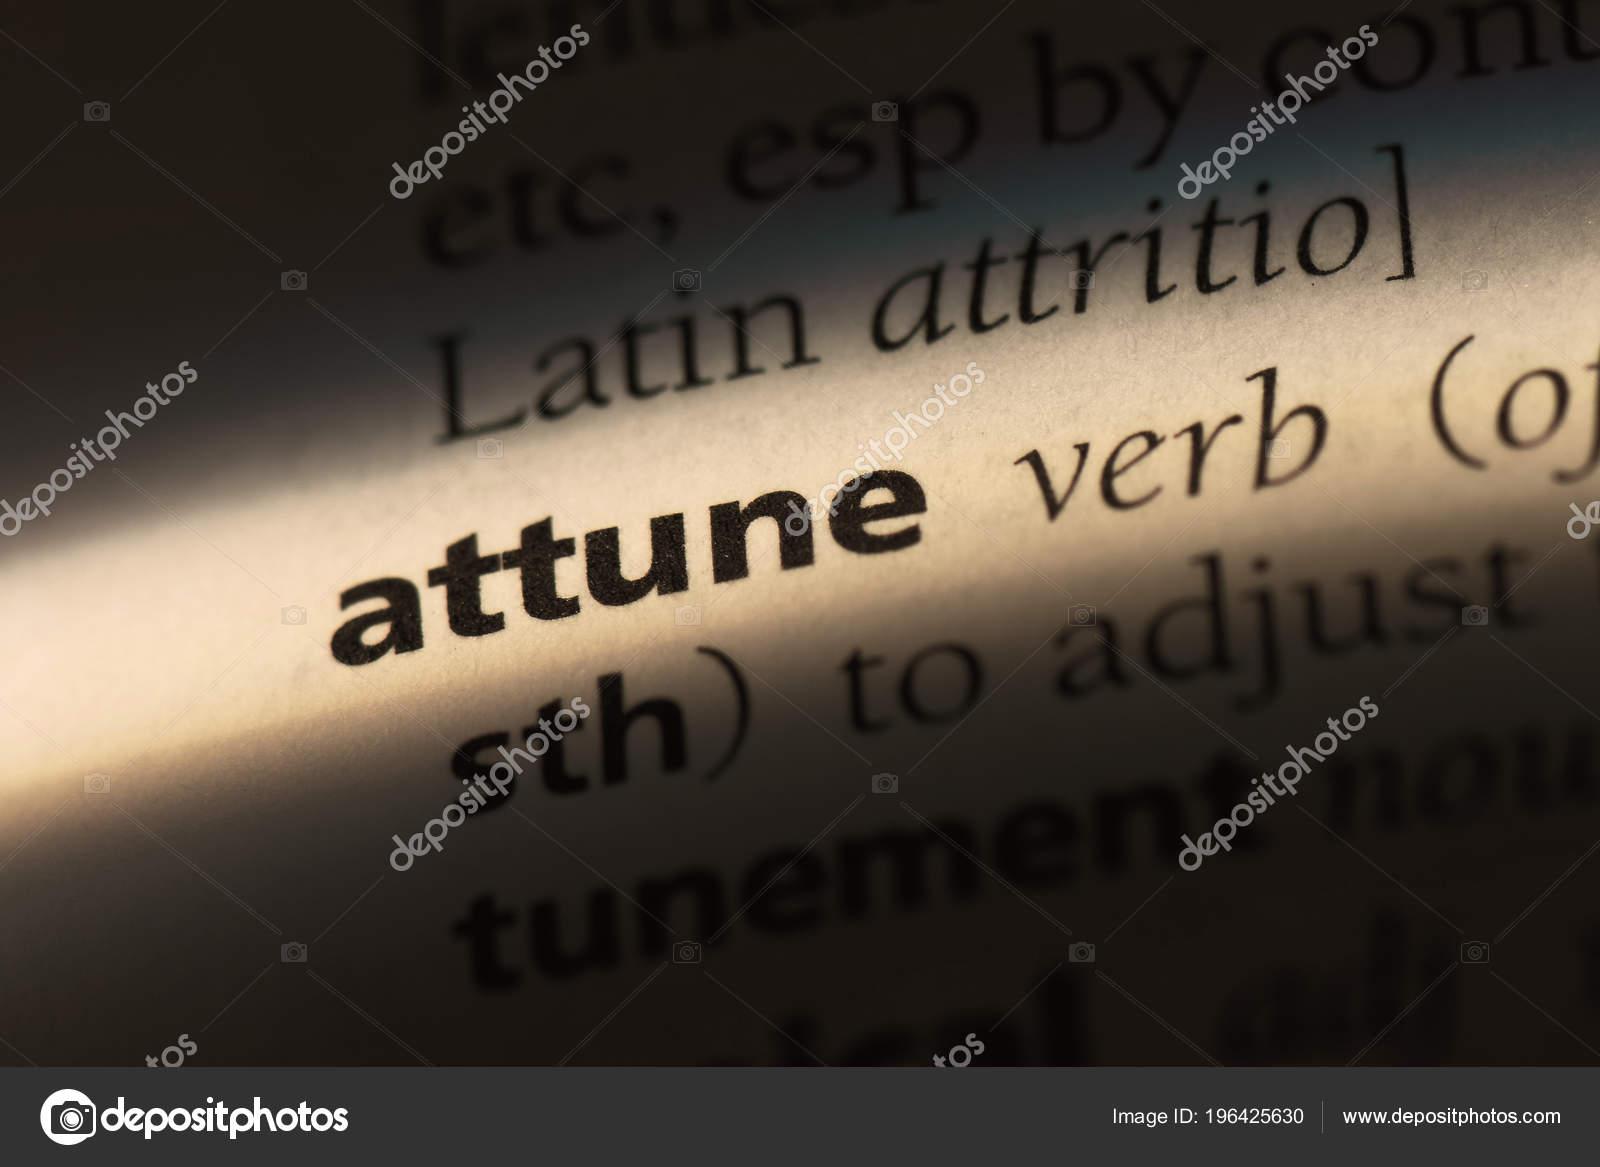 Attune definition